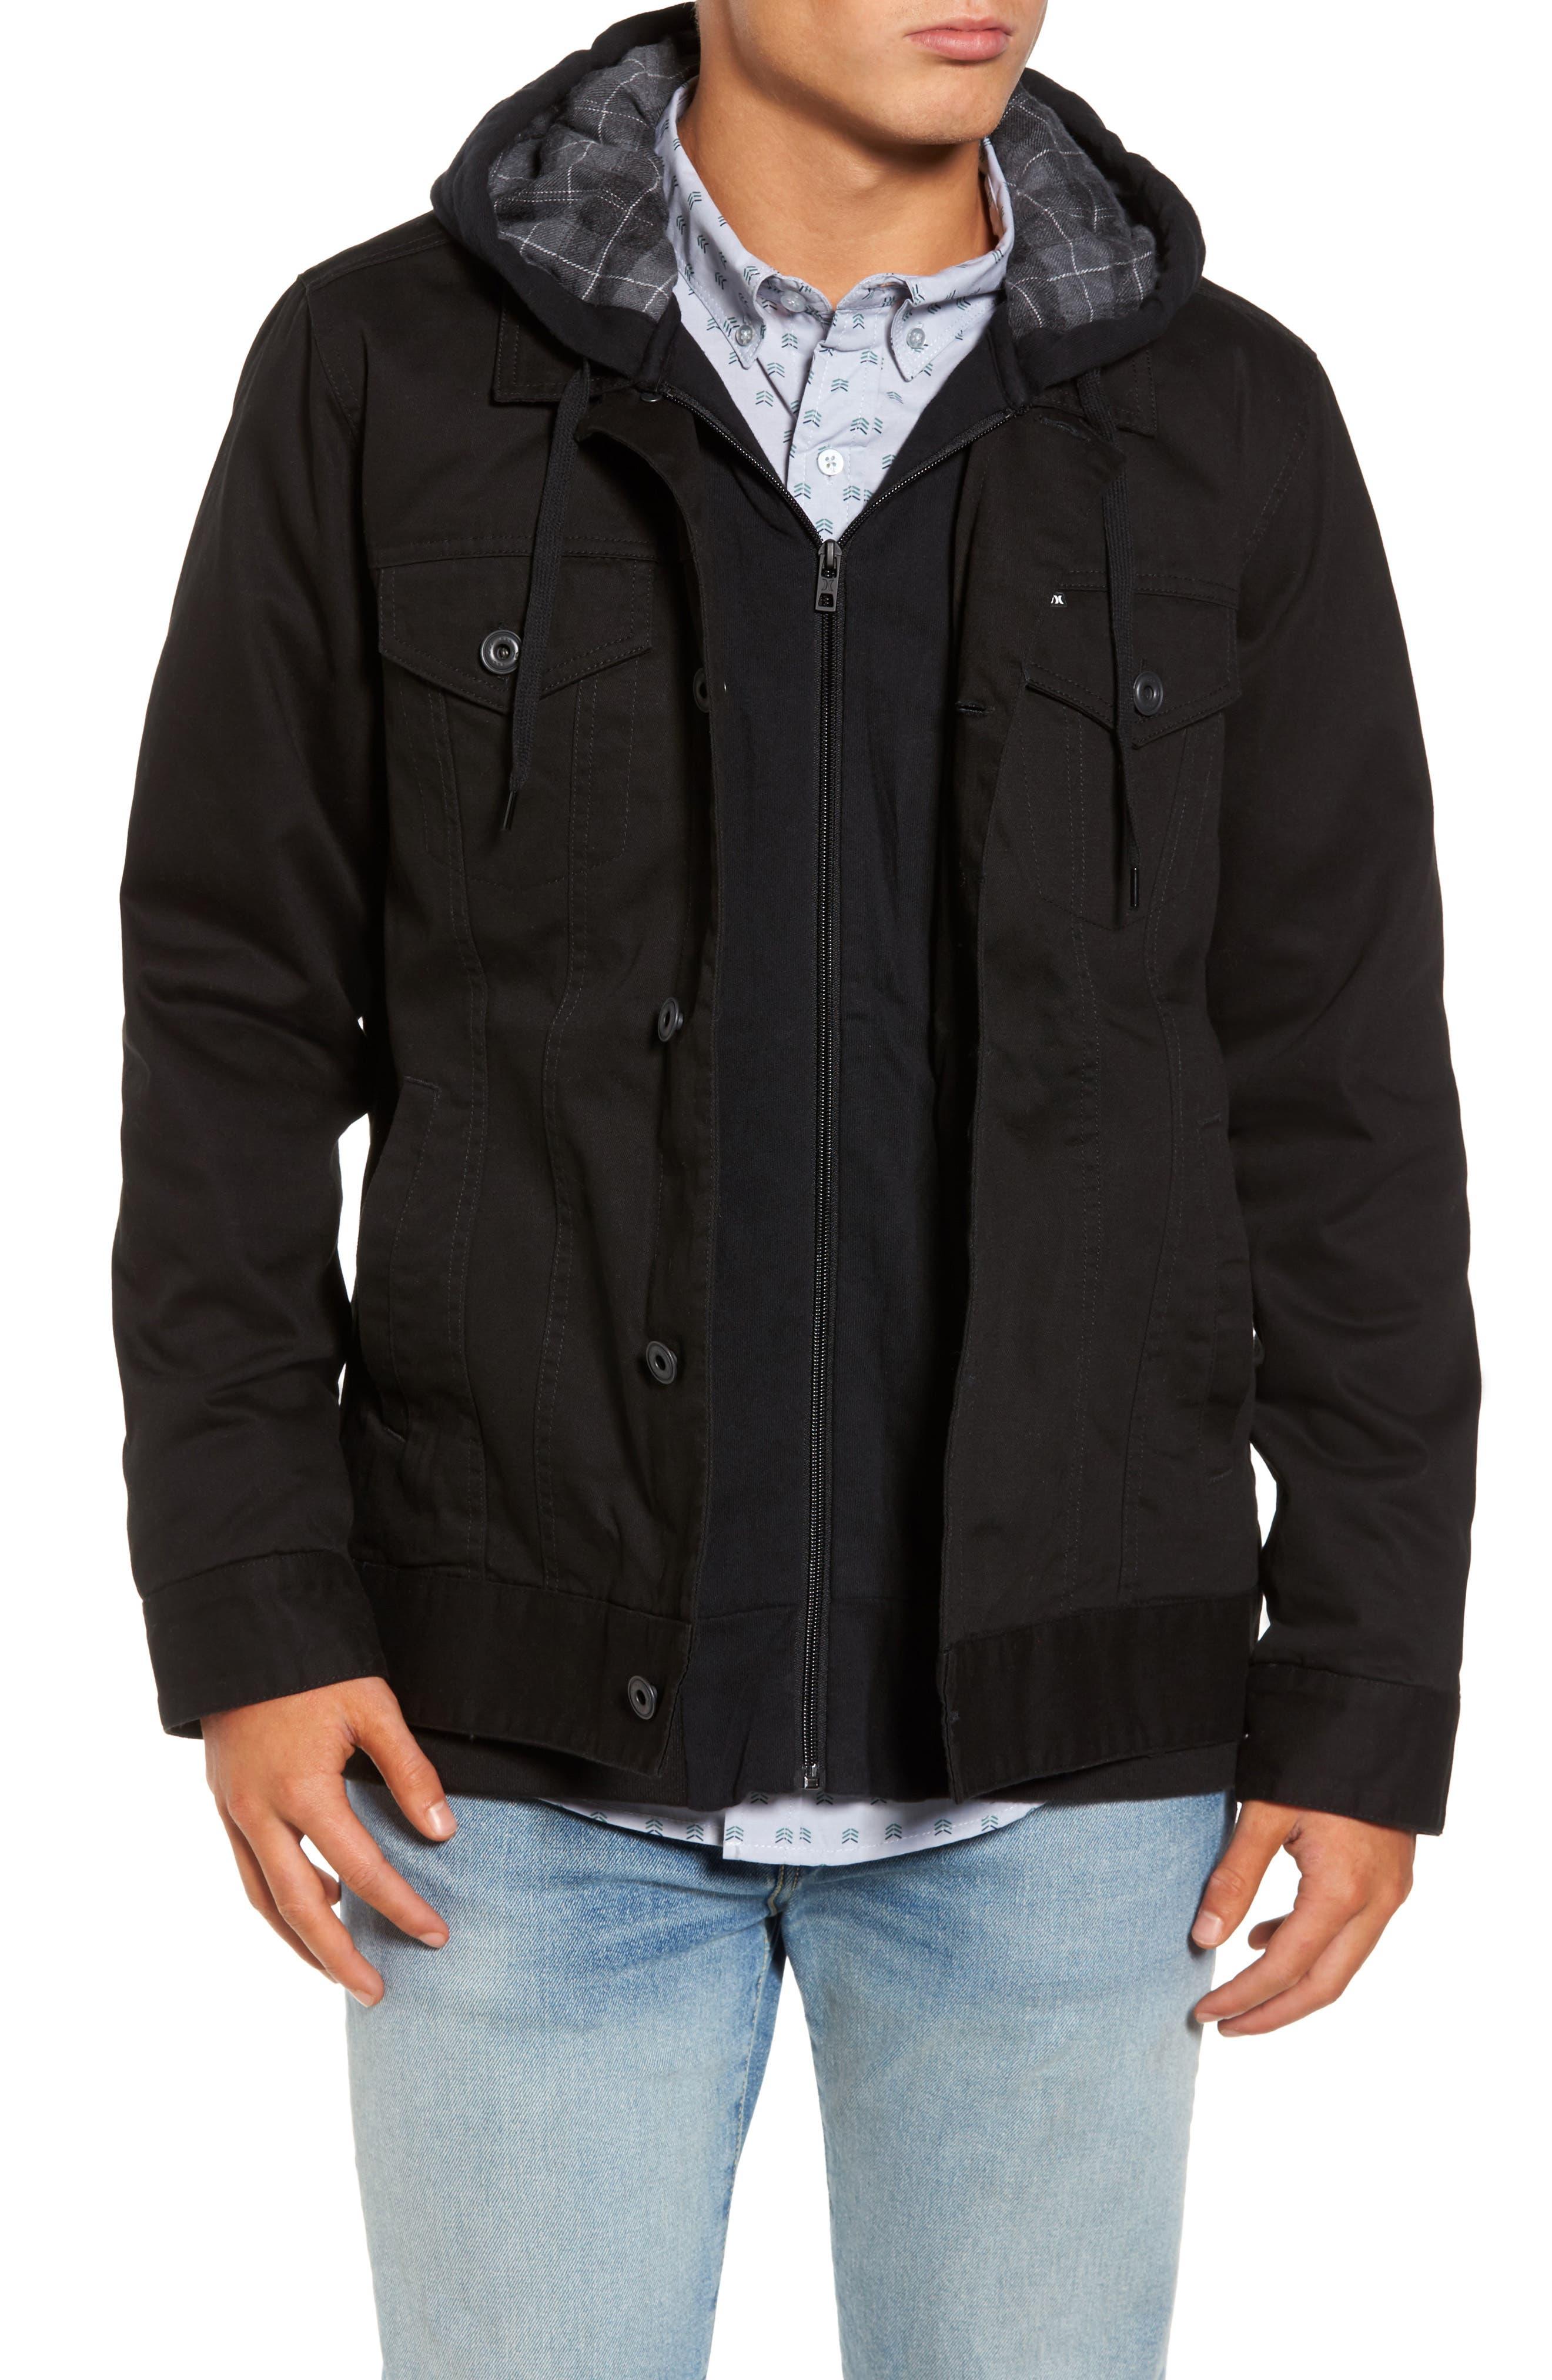 Alternate Image 1 Selected - Hurley Mac Trucker 3.0 Hooded Jacket